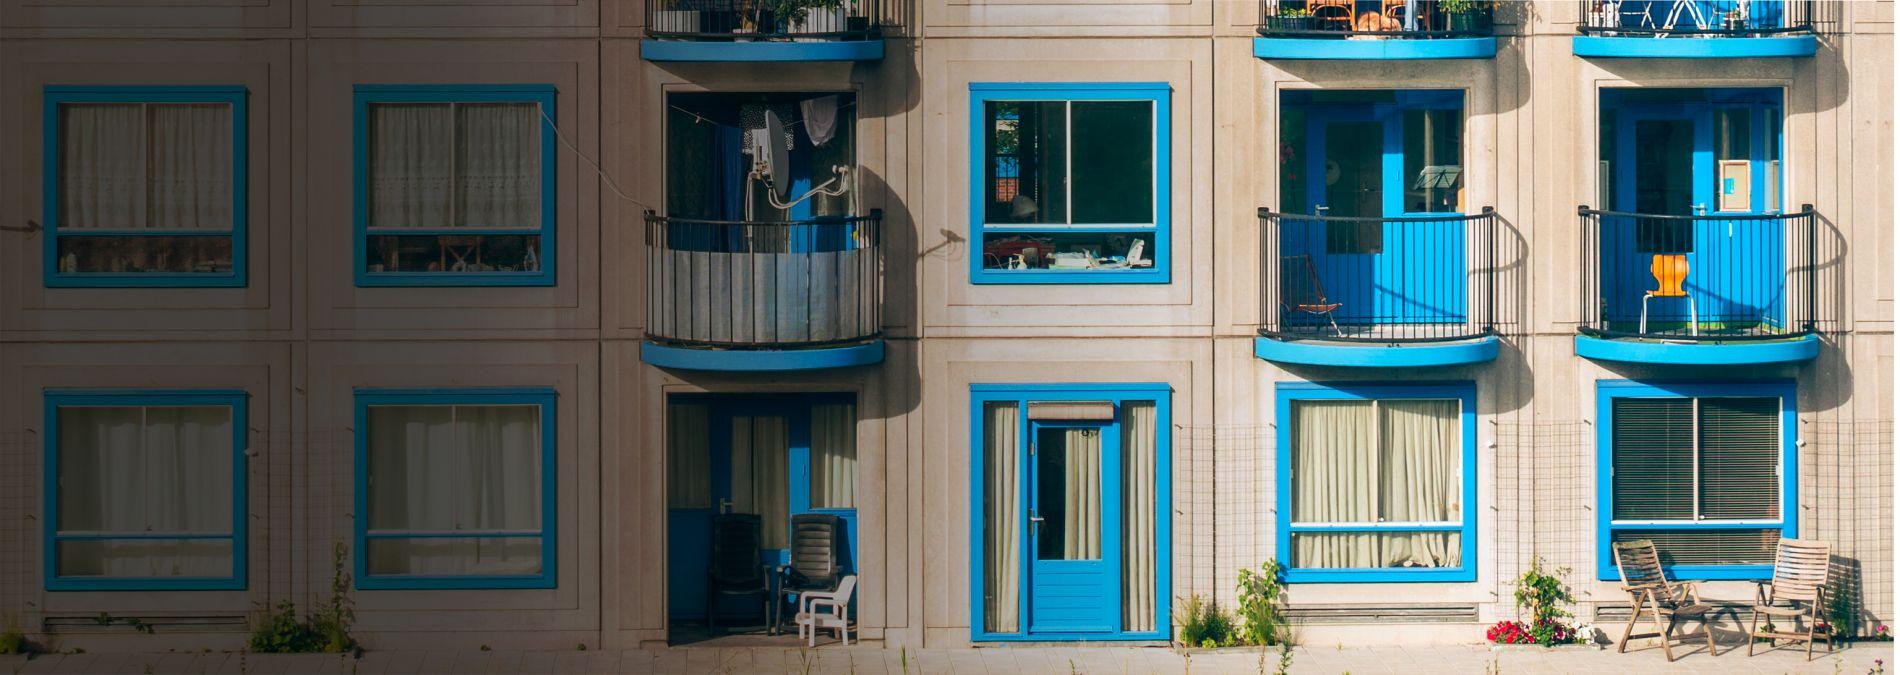 Кредит на недвижимость - без отказа, справок и поручителей